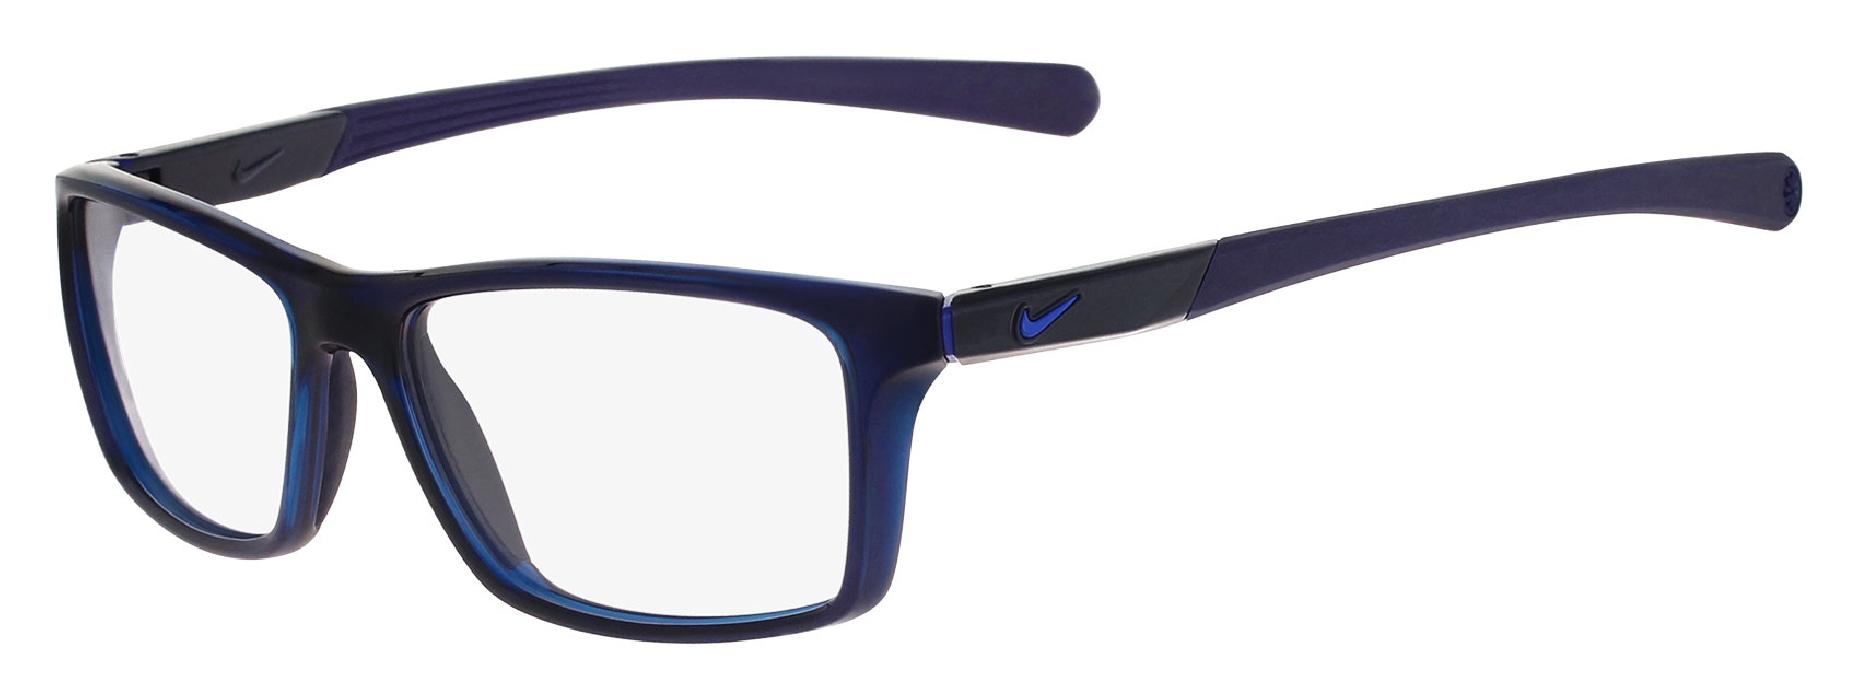 An image of Nike 7087 Matte Black - Volt